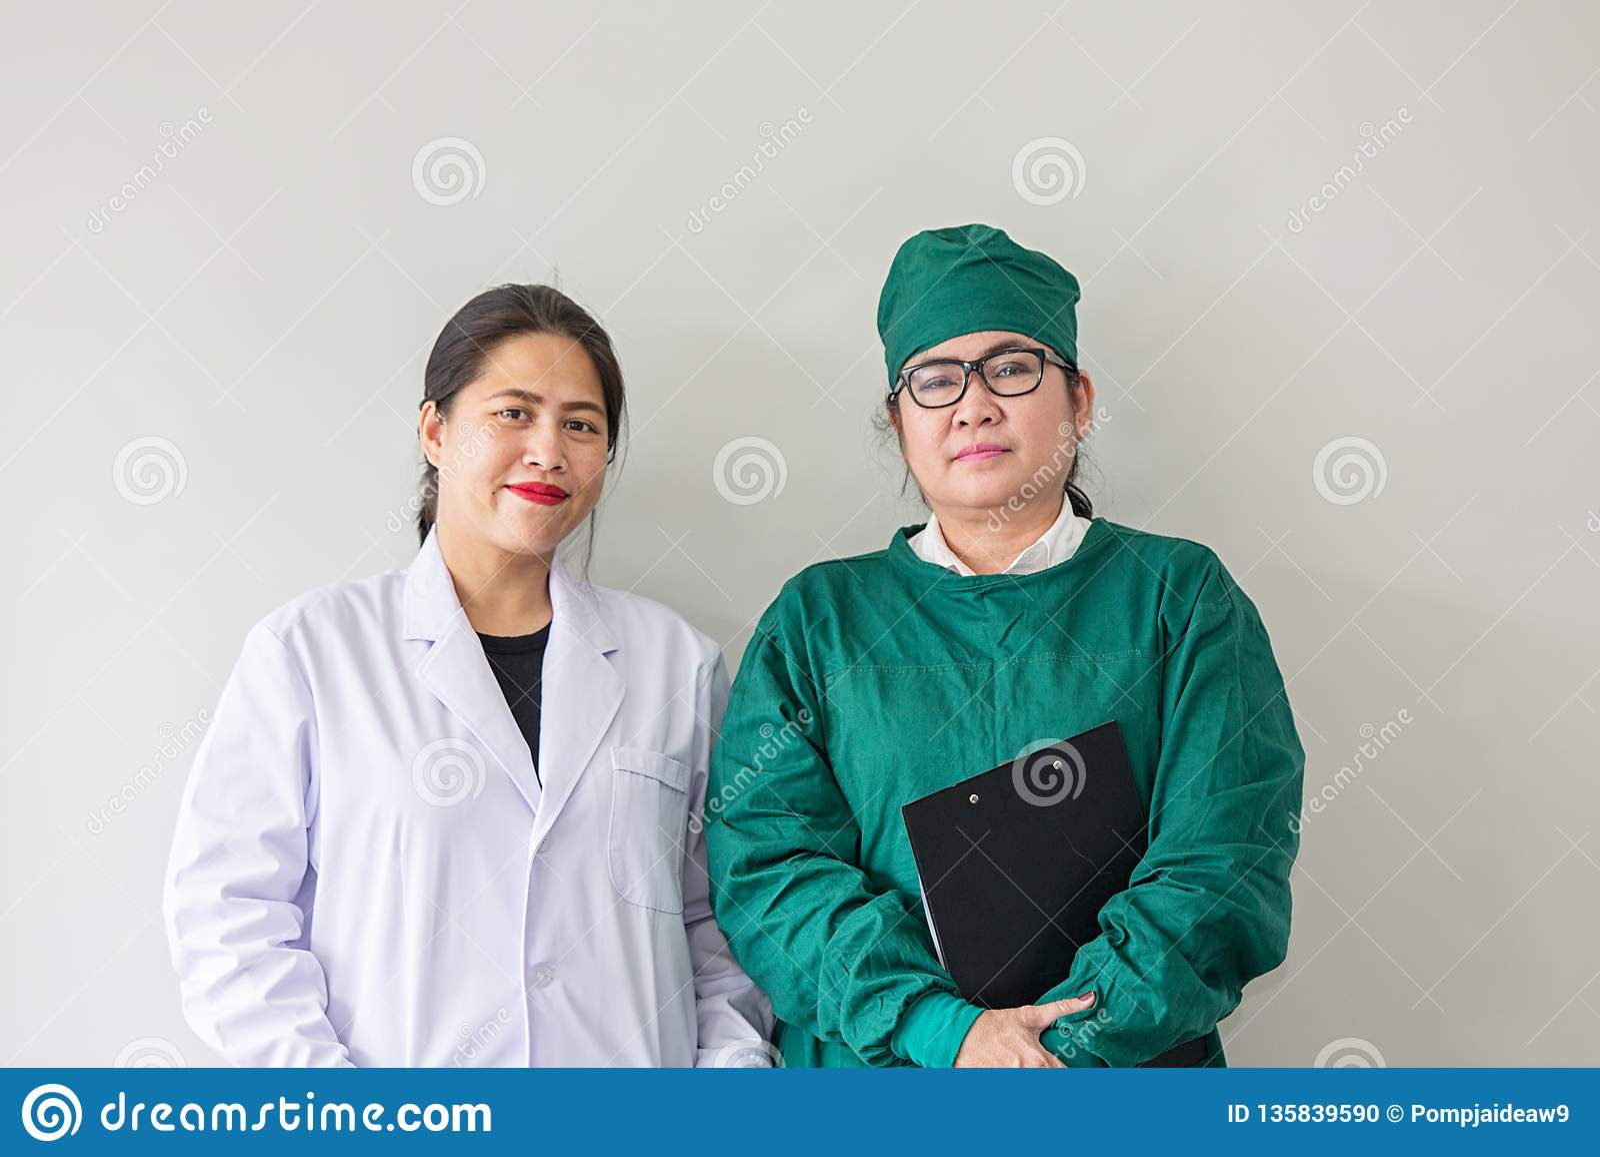 Un sorriso asiatico di due lavoratori medici Ritratto di medico asiatico